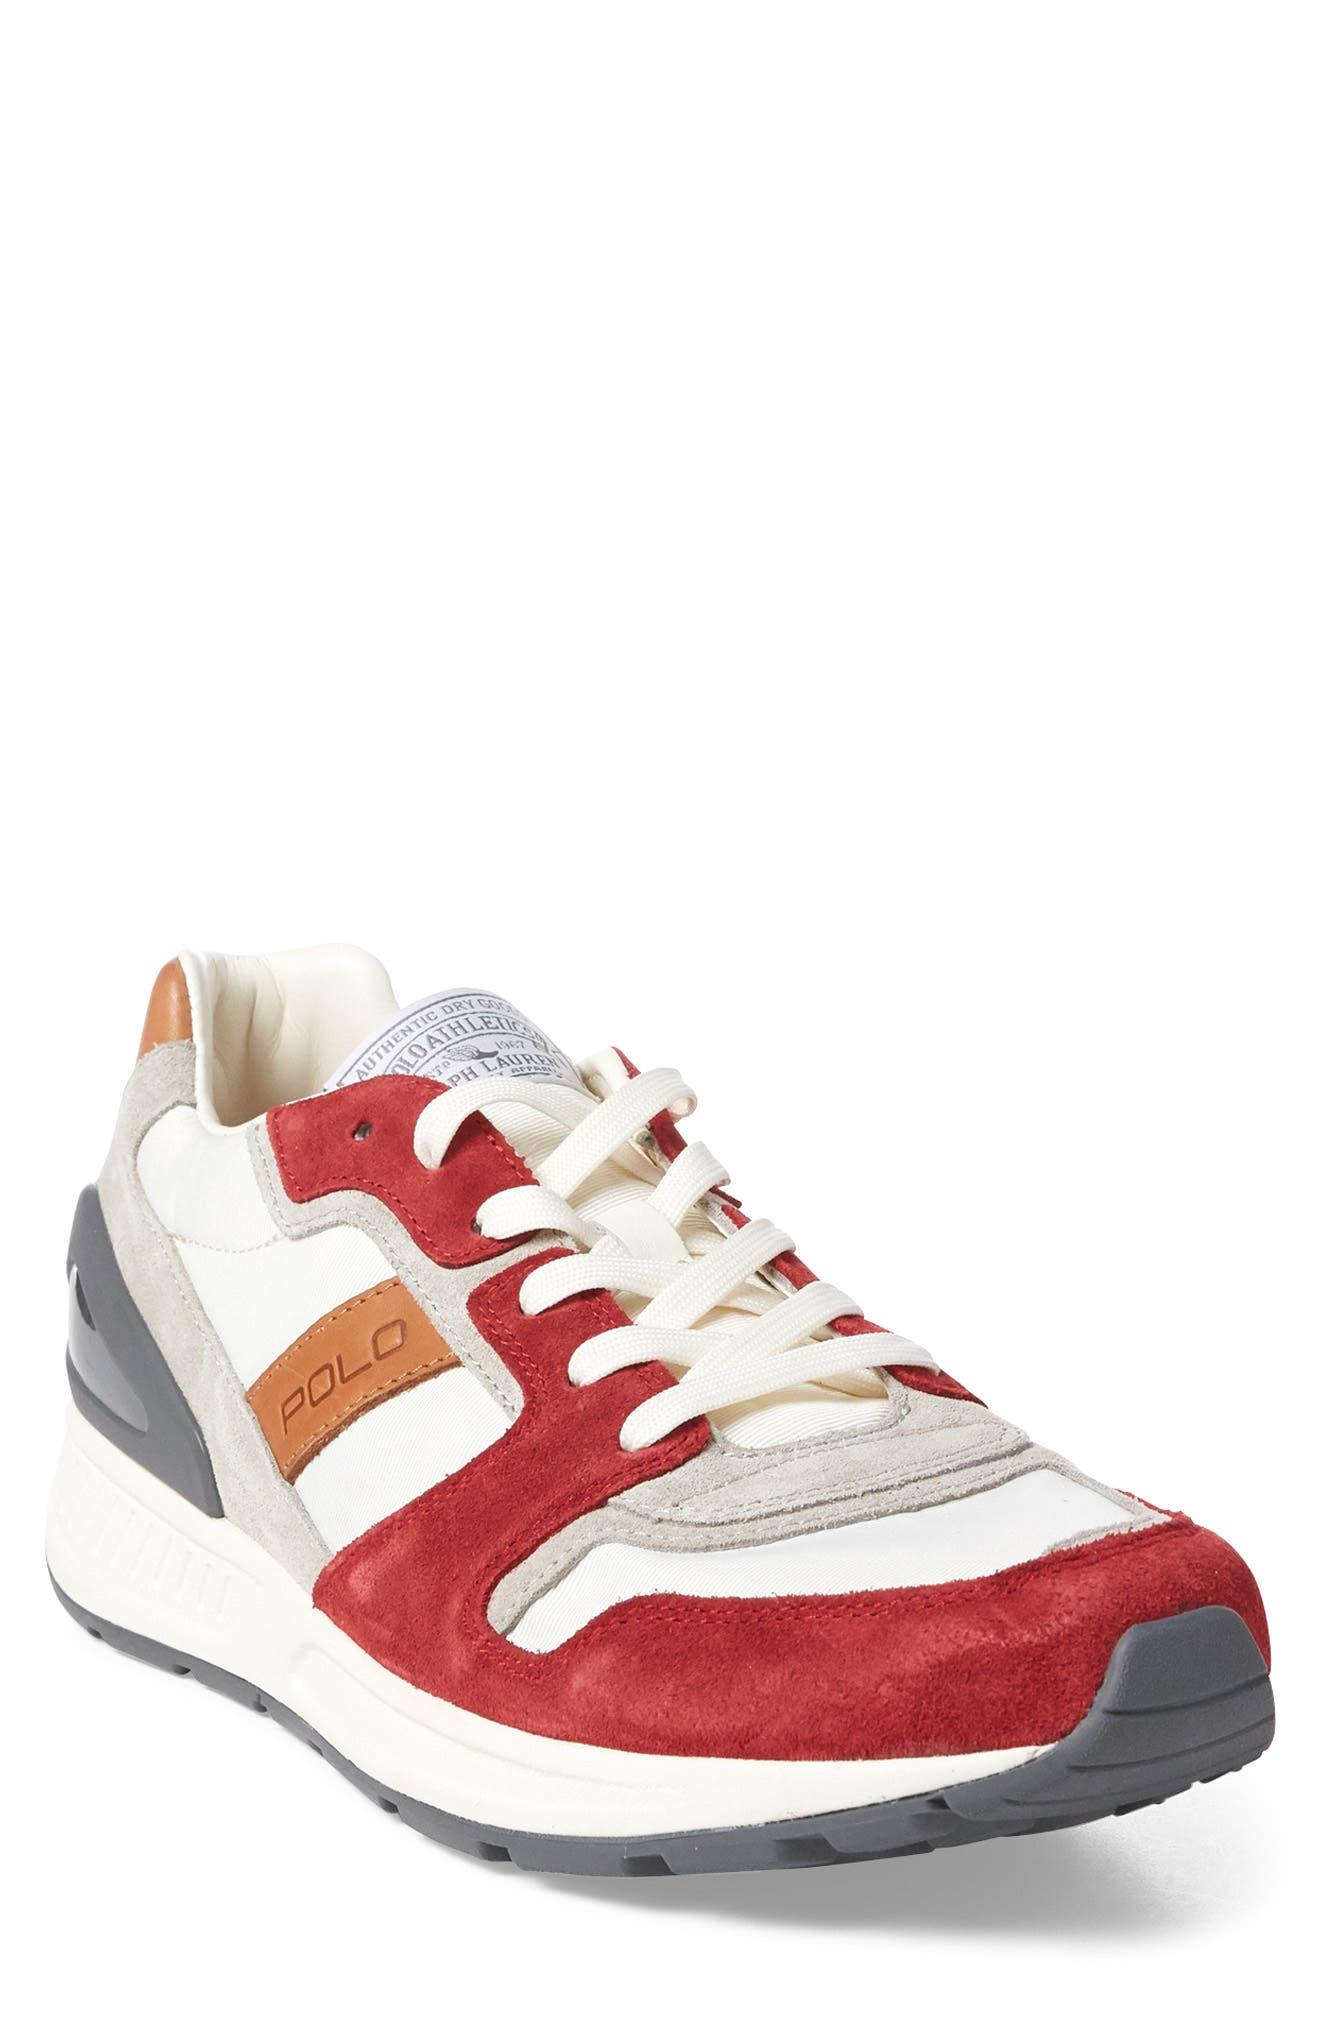 POLO RALPH LAUREN Train 100 Retro Sneaker, Main, color, RED NYLON/ SUEDE